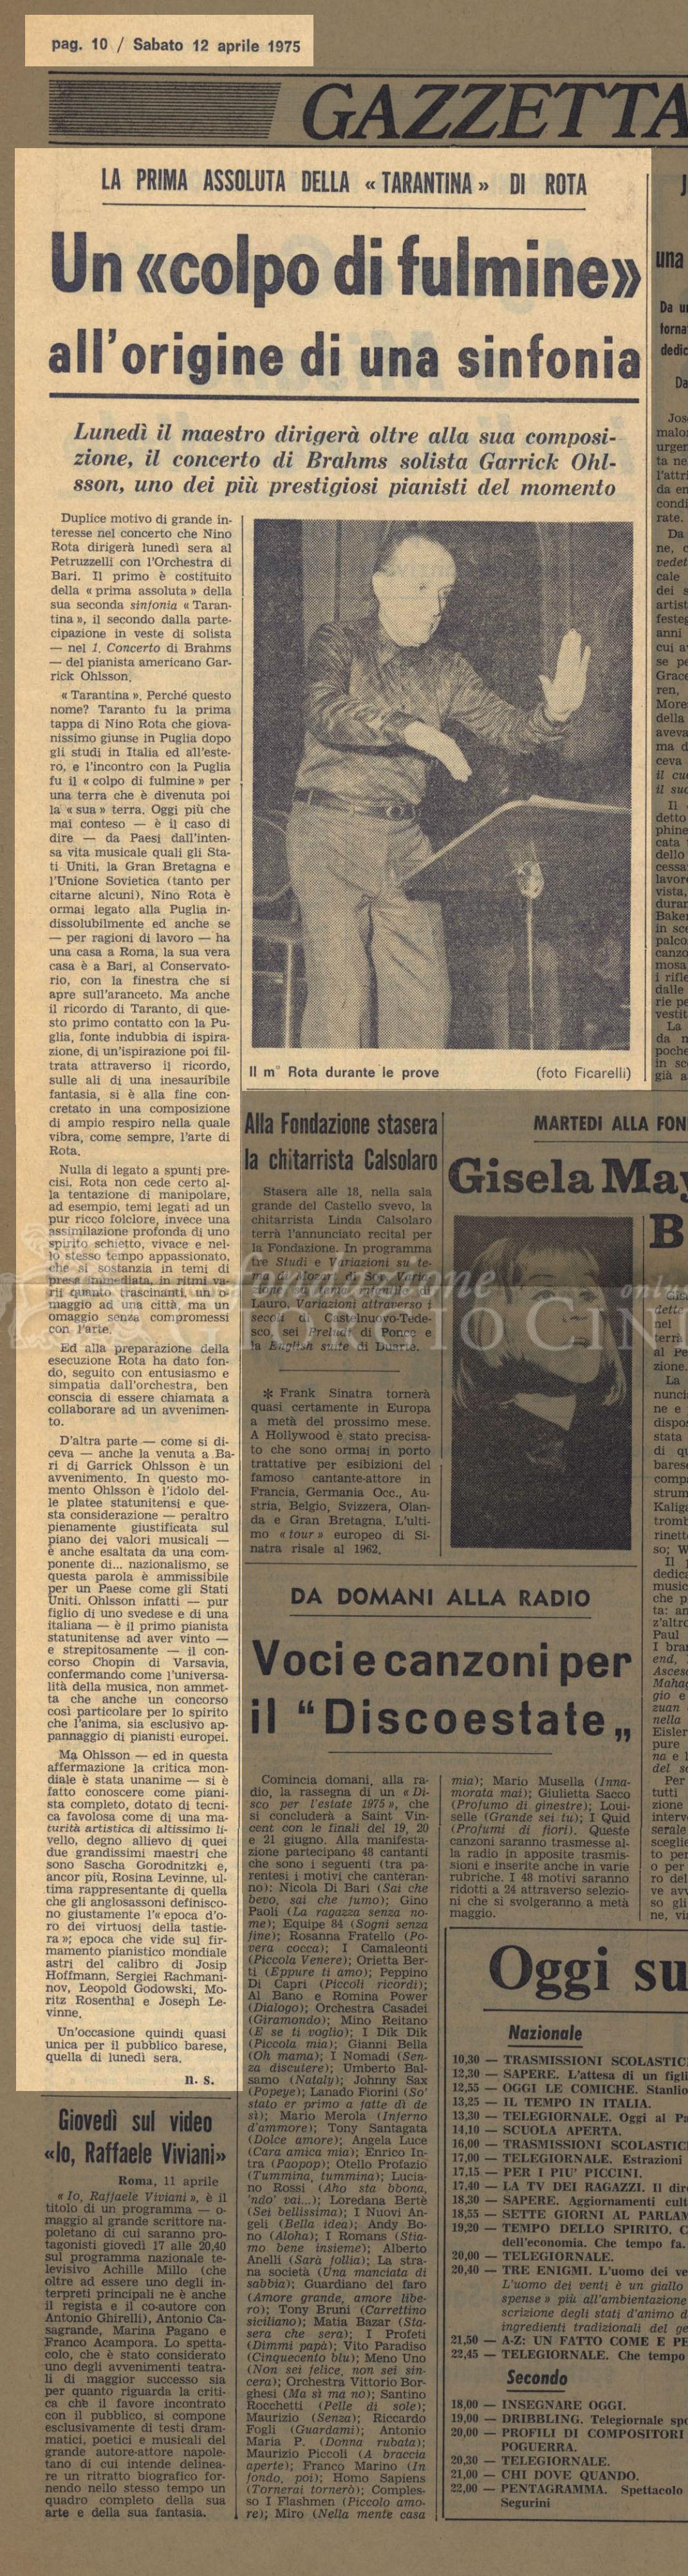 Un 'colpo di fulmine' all'origine di una sinfonia  12 aprile 1975